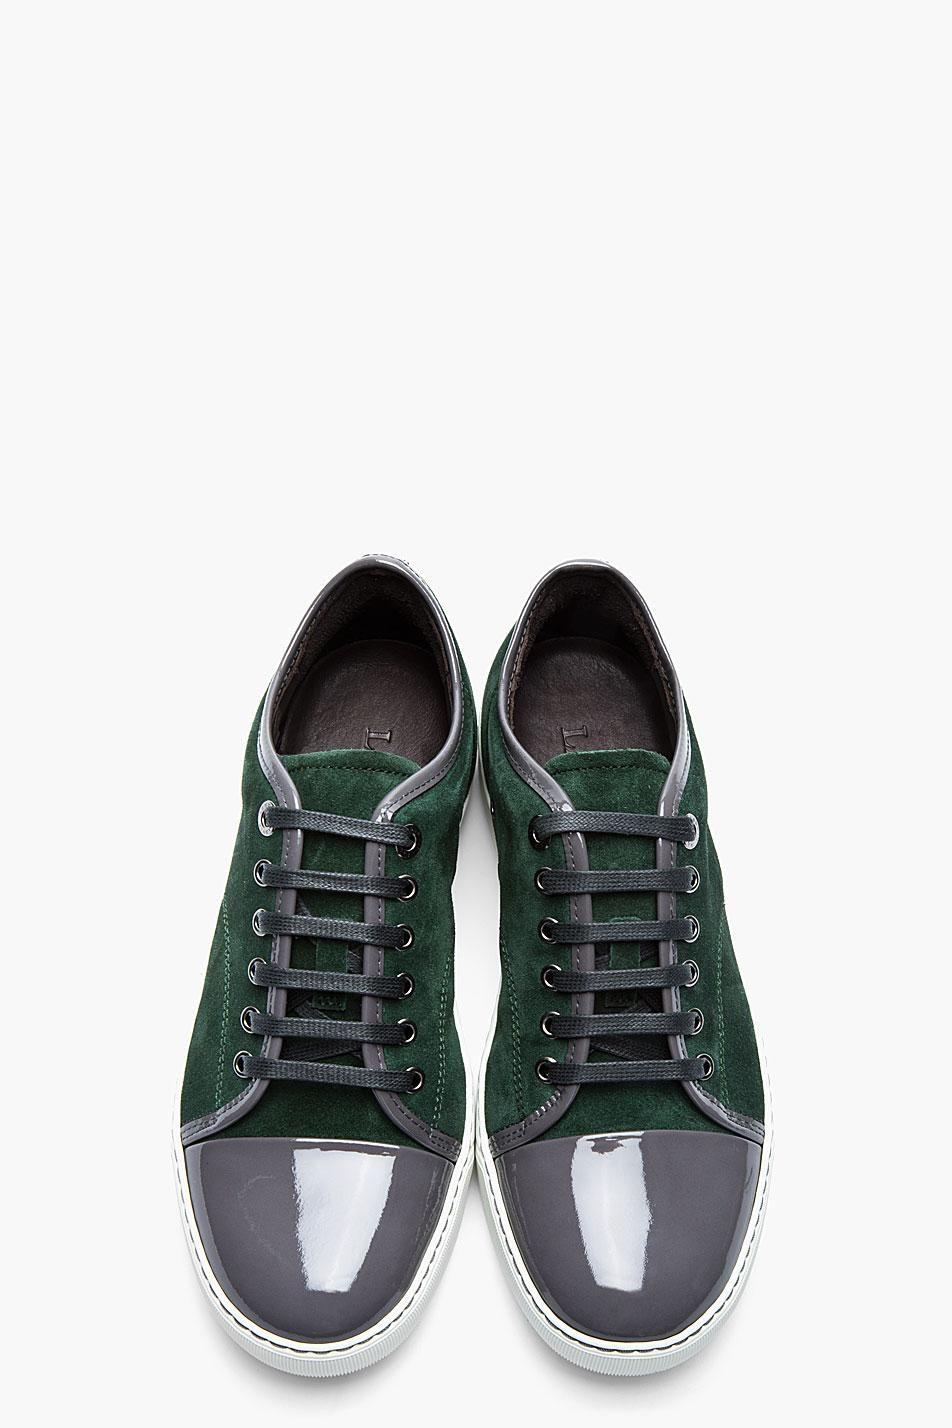 アディダスの靴, 靴スニーカー, 男性の靴, スエードの靴, ナイキの靴のアウトレット, カジュアルシューズ, ランバン, テニス, 人々